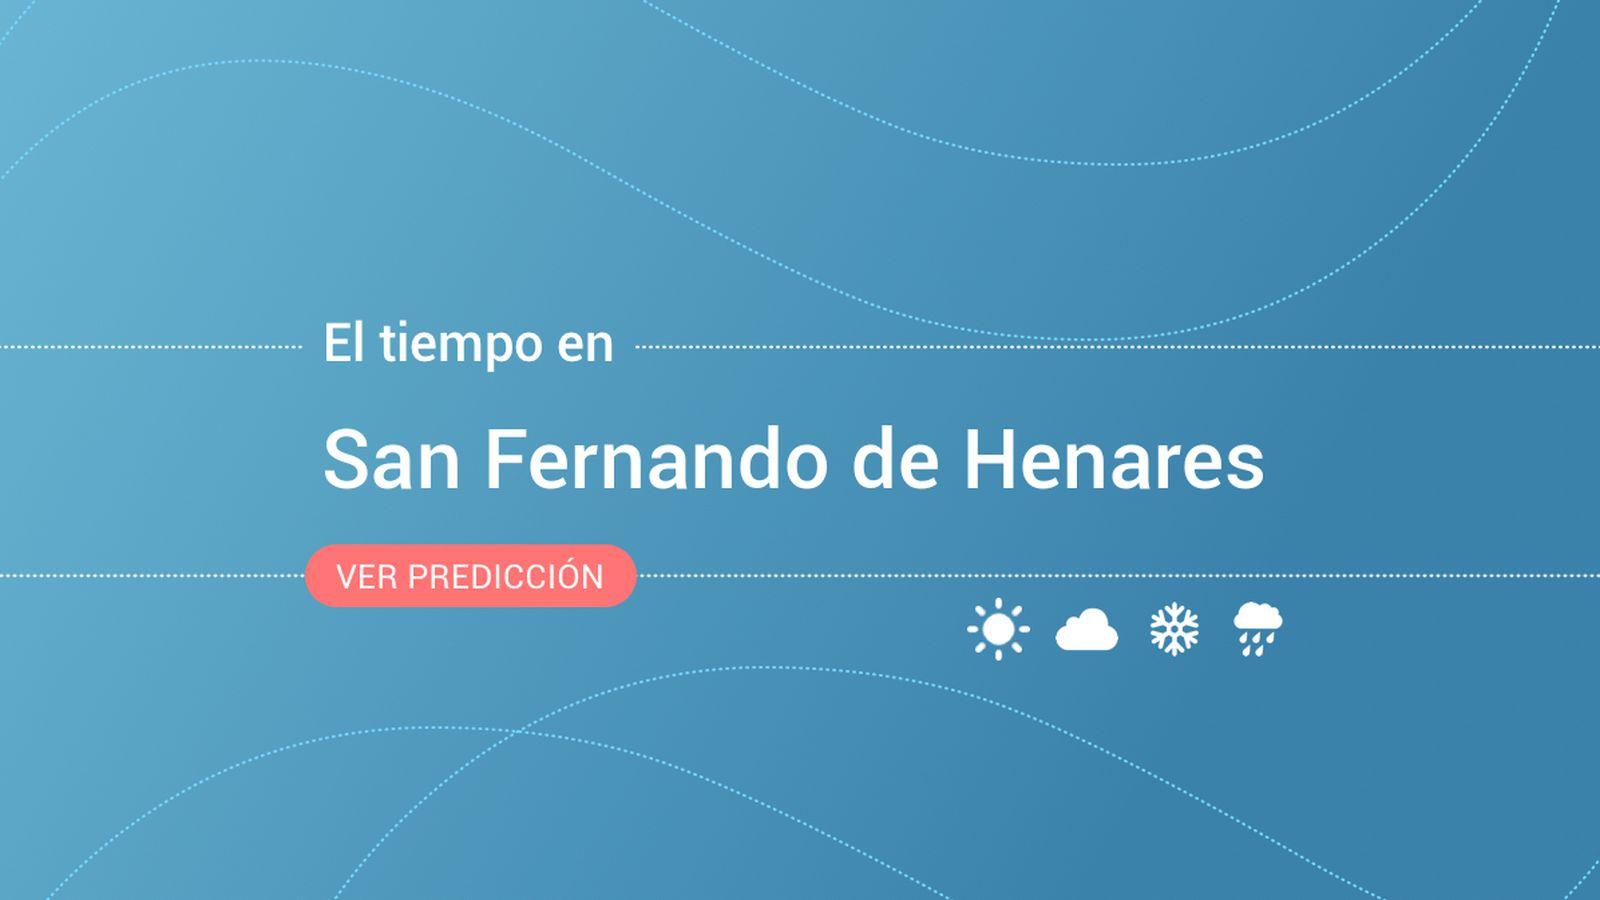 Foto: El tiempo en San Fernando de Henares. (EC)